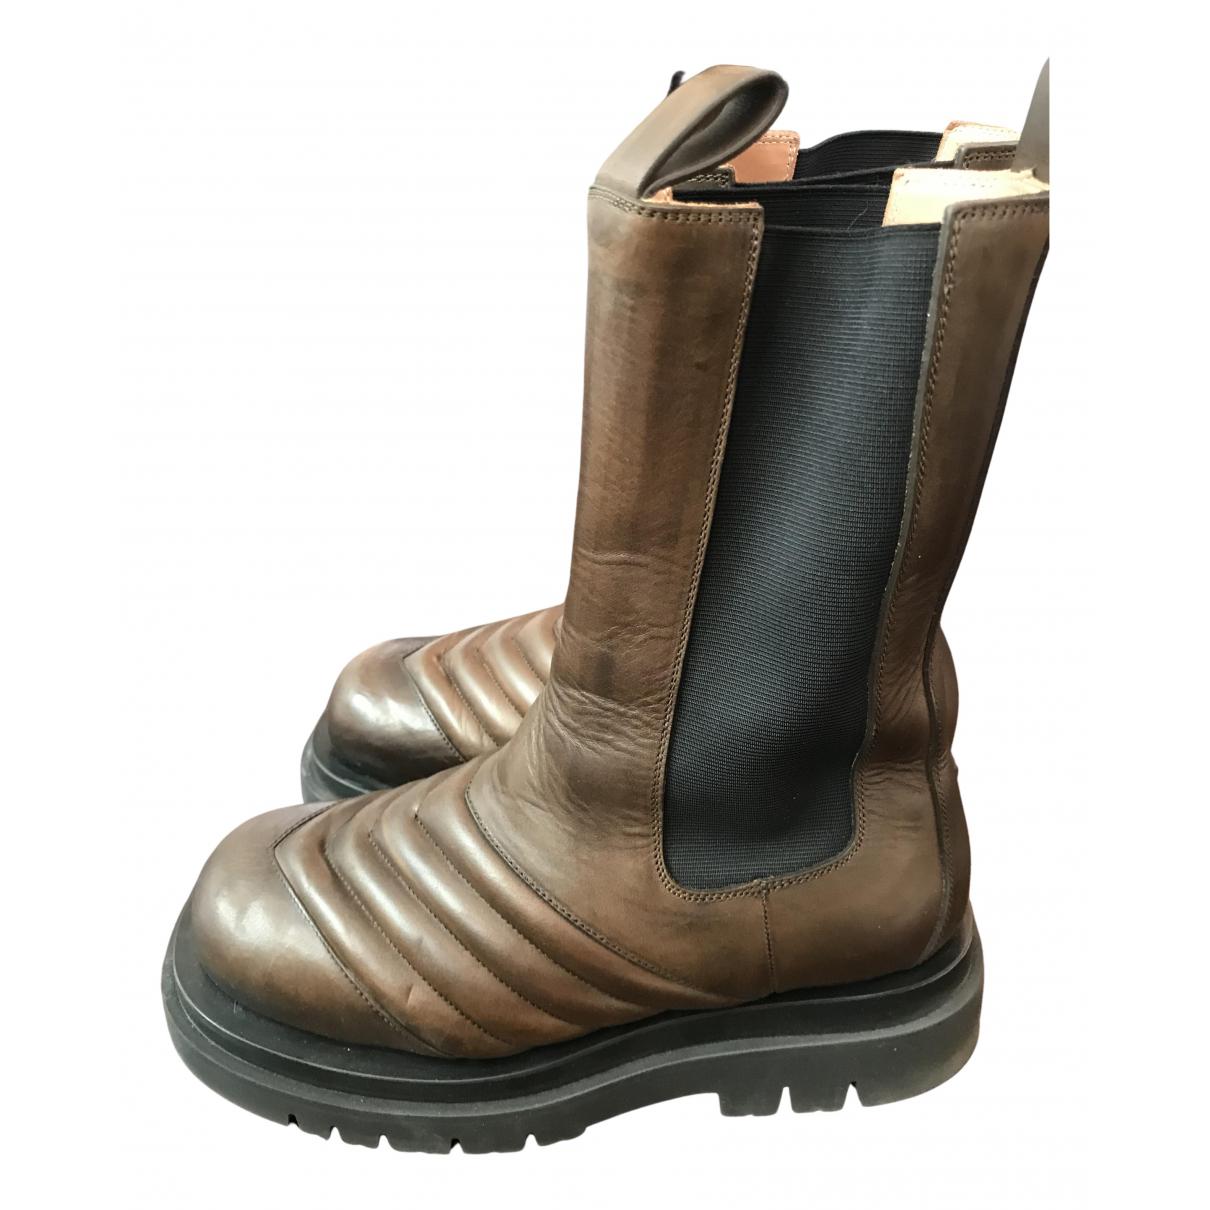 Bottega Veneta - Boots Storm pour femme en cuir - marron